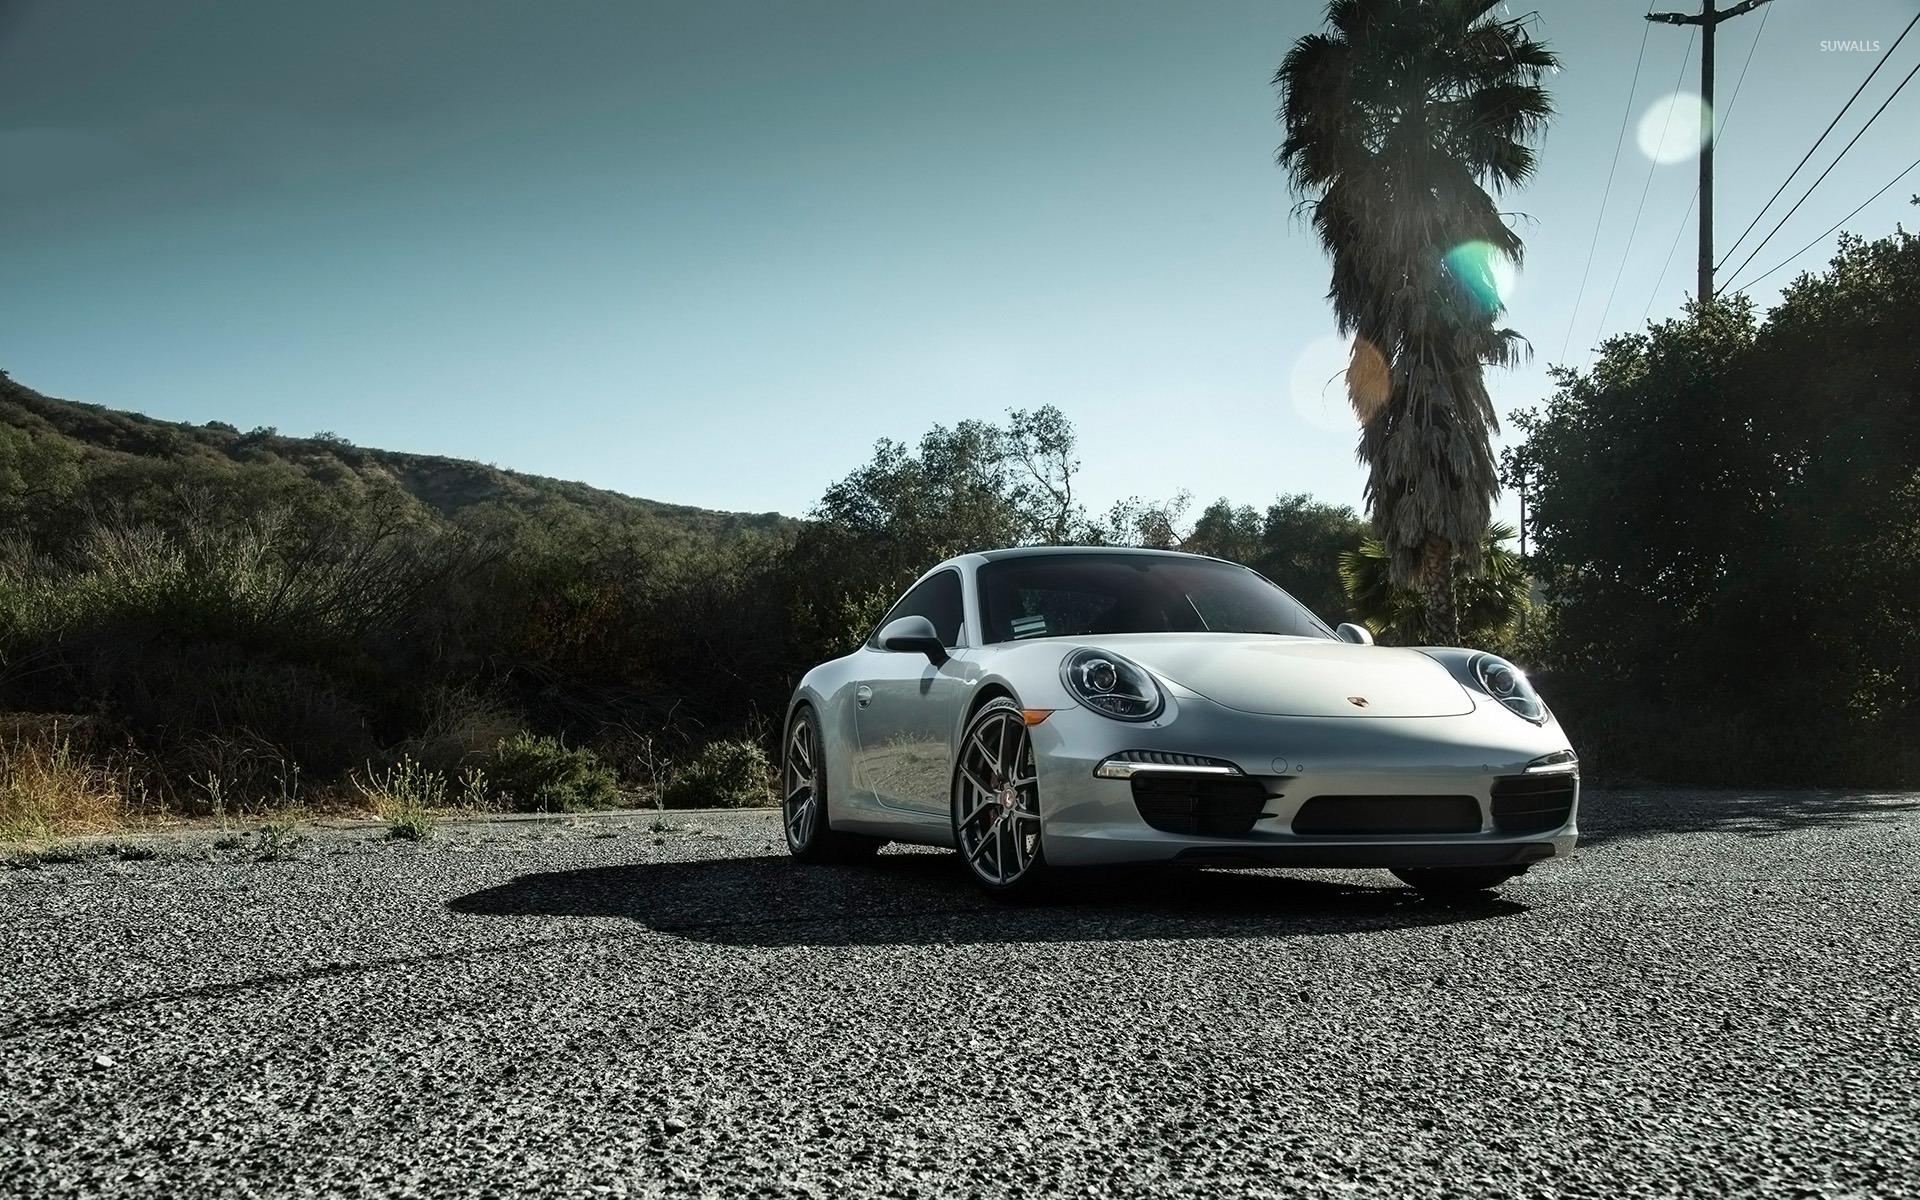 Boden porsche 911 carrera s front view wallpaper car for Boden desktop